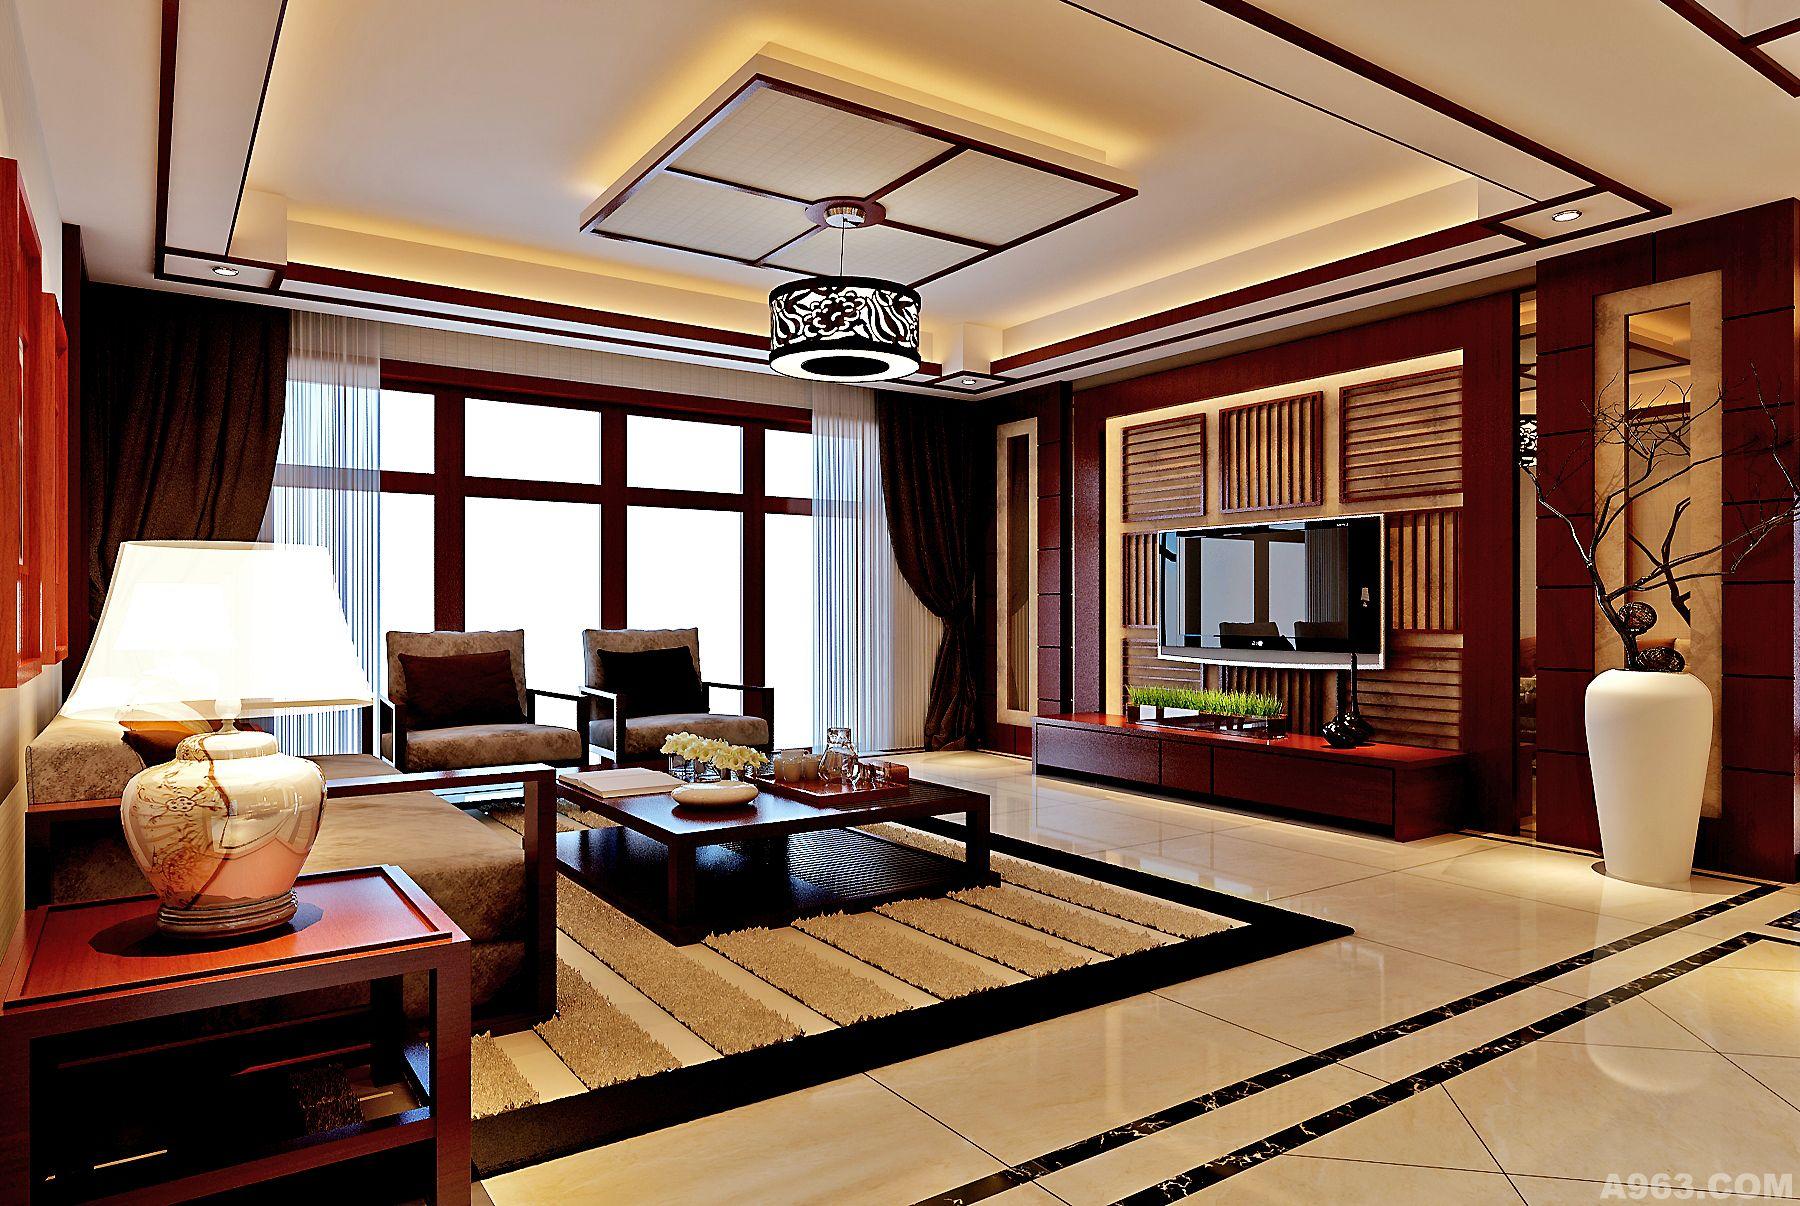 广州北部湾小区东南亚风格装修效果图——客厅